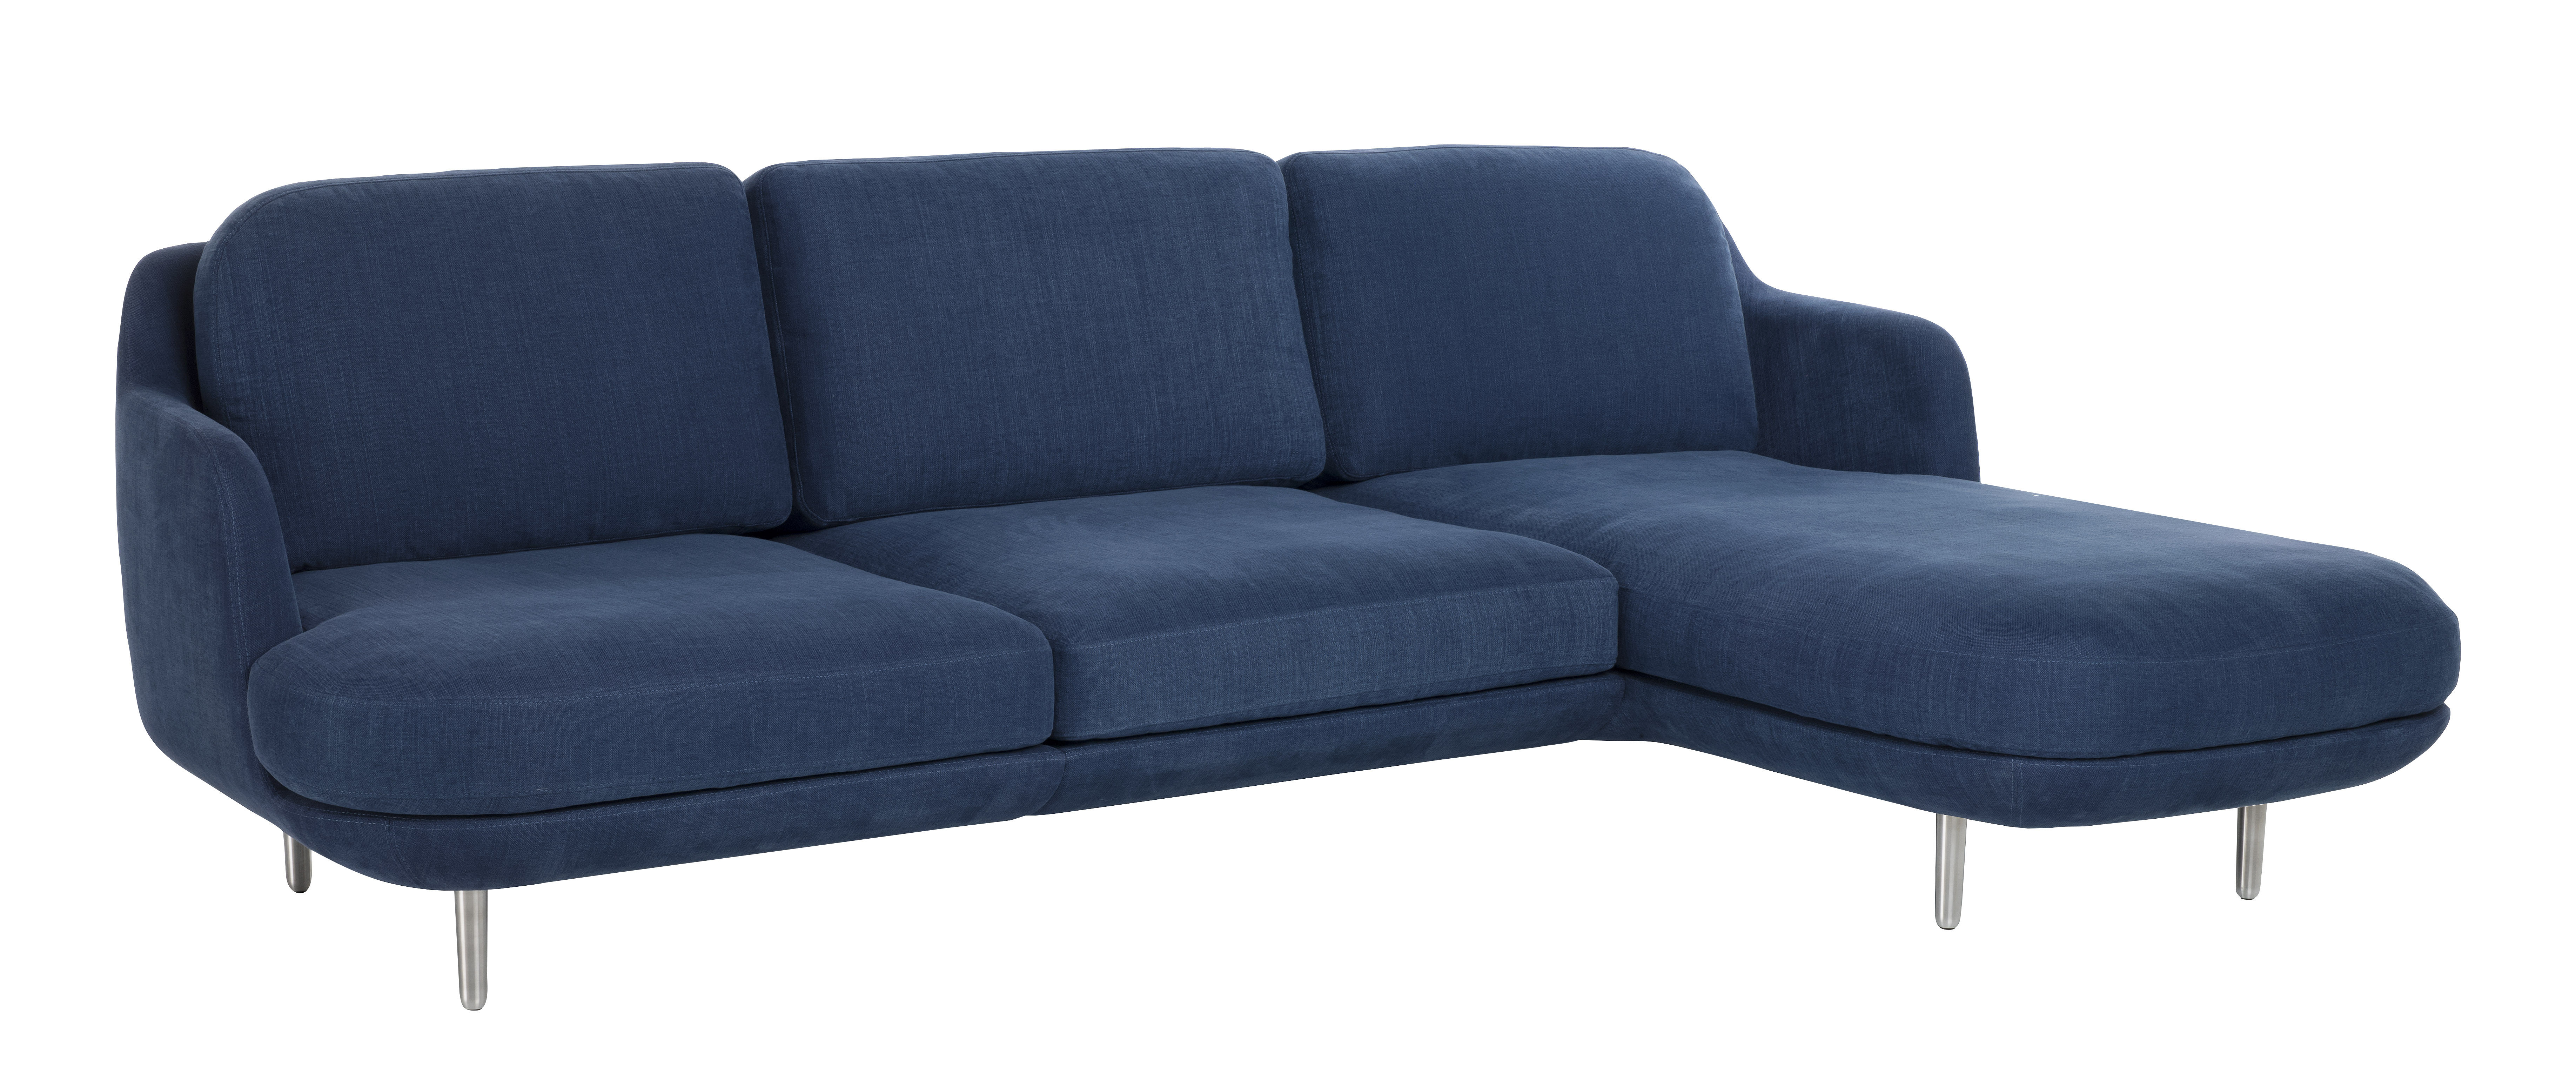 Furniture - Sofas - Lune Corner sofa by Fritz Hansen - Indigo blue / Brushed alu - Brushed aluminium, Cotton